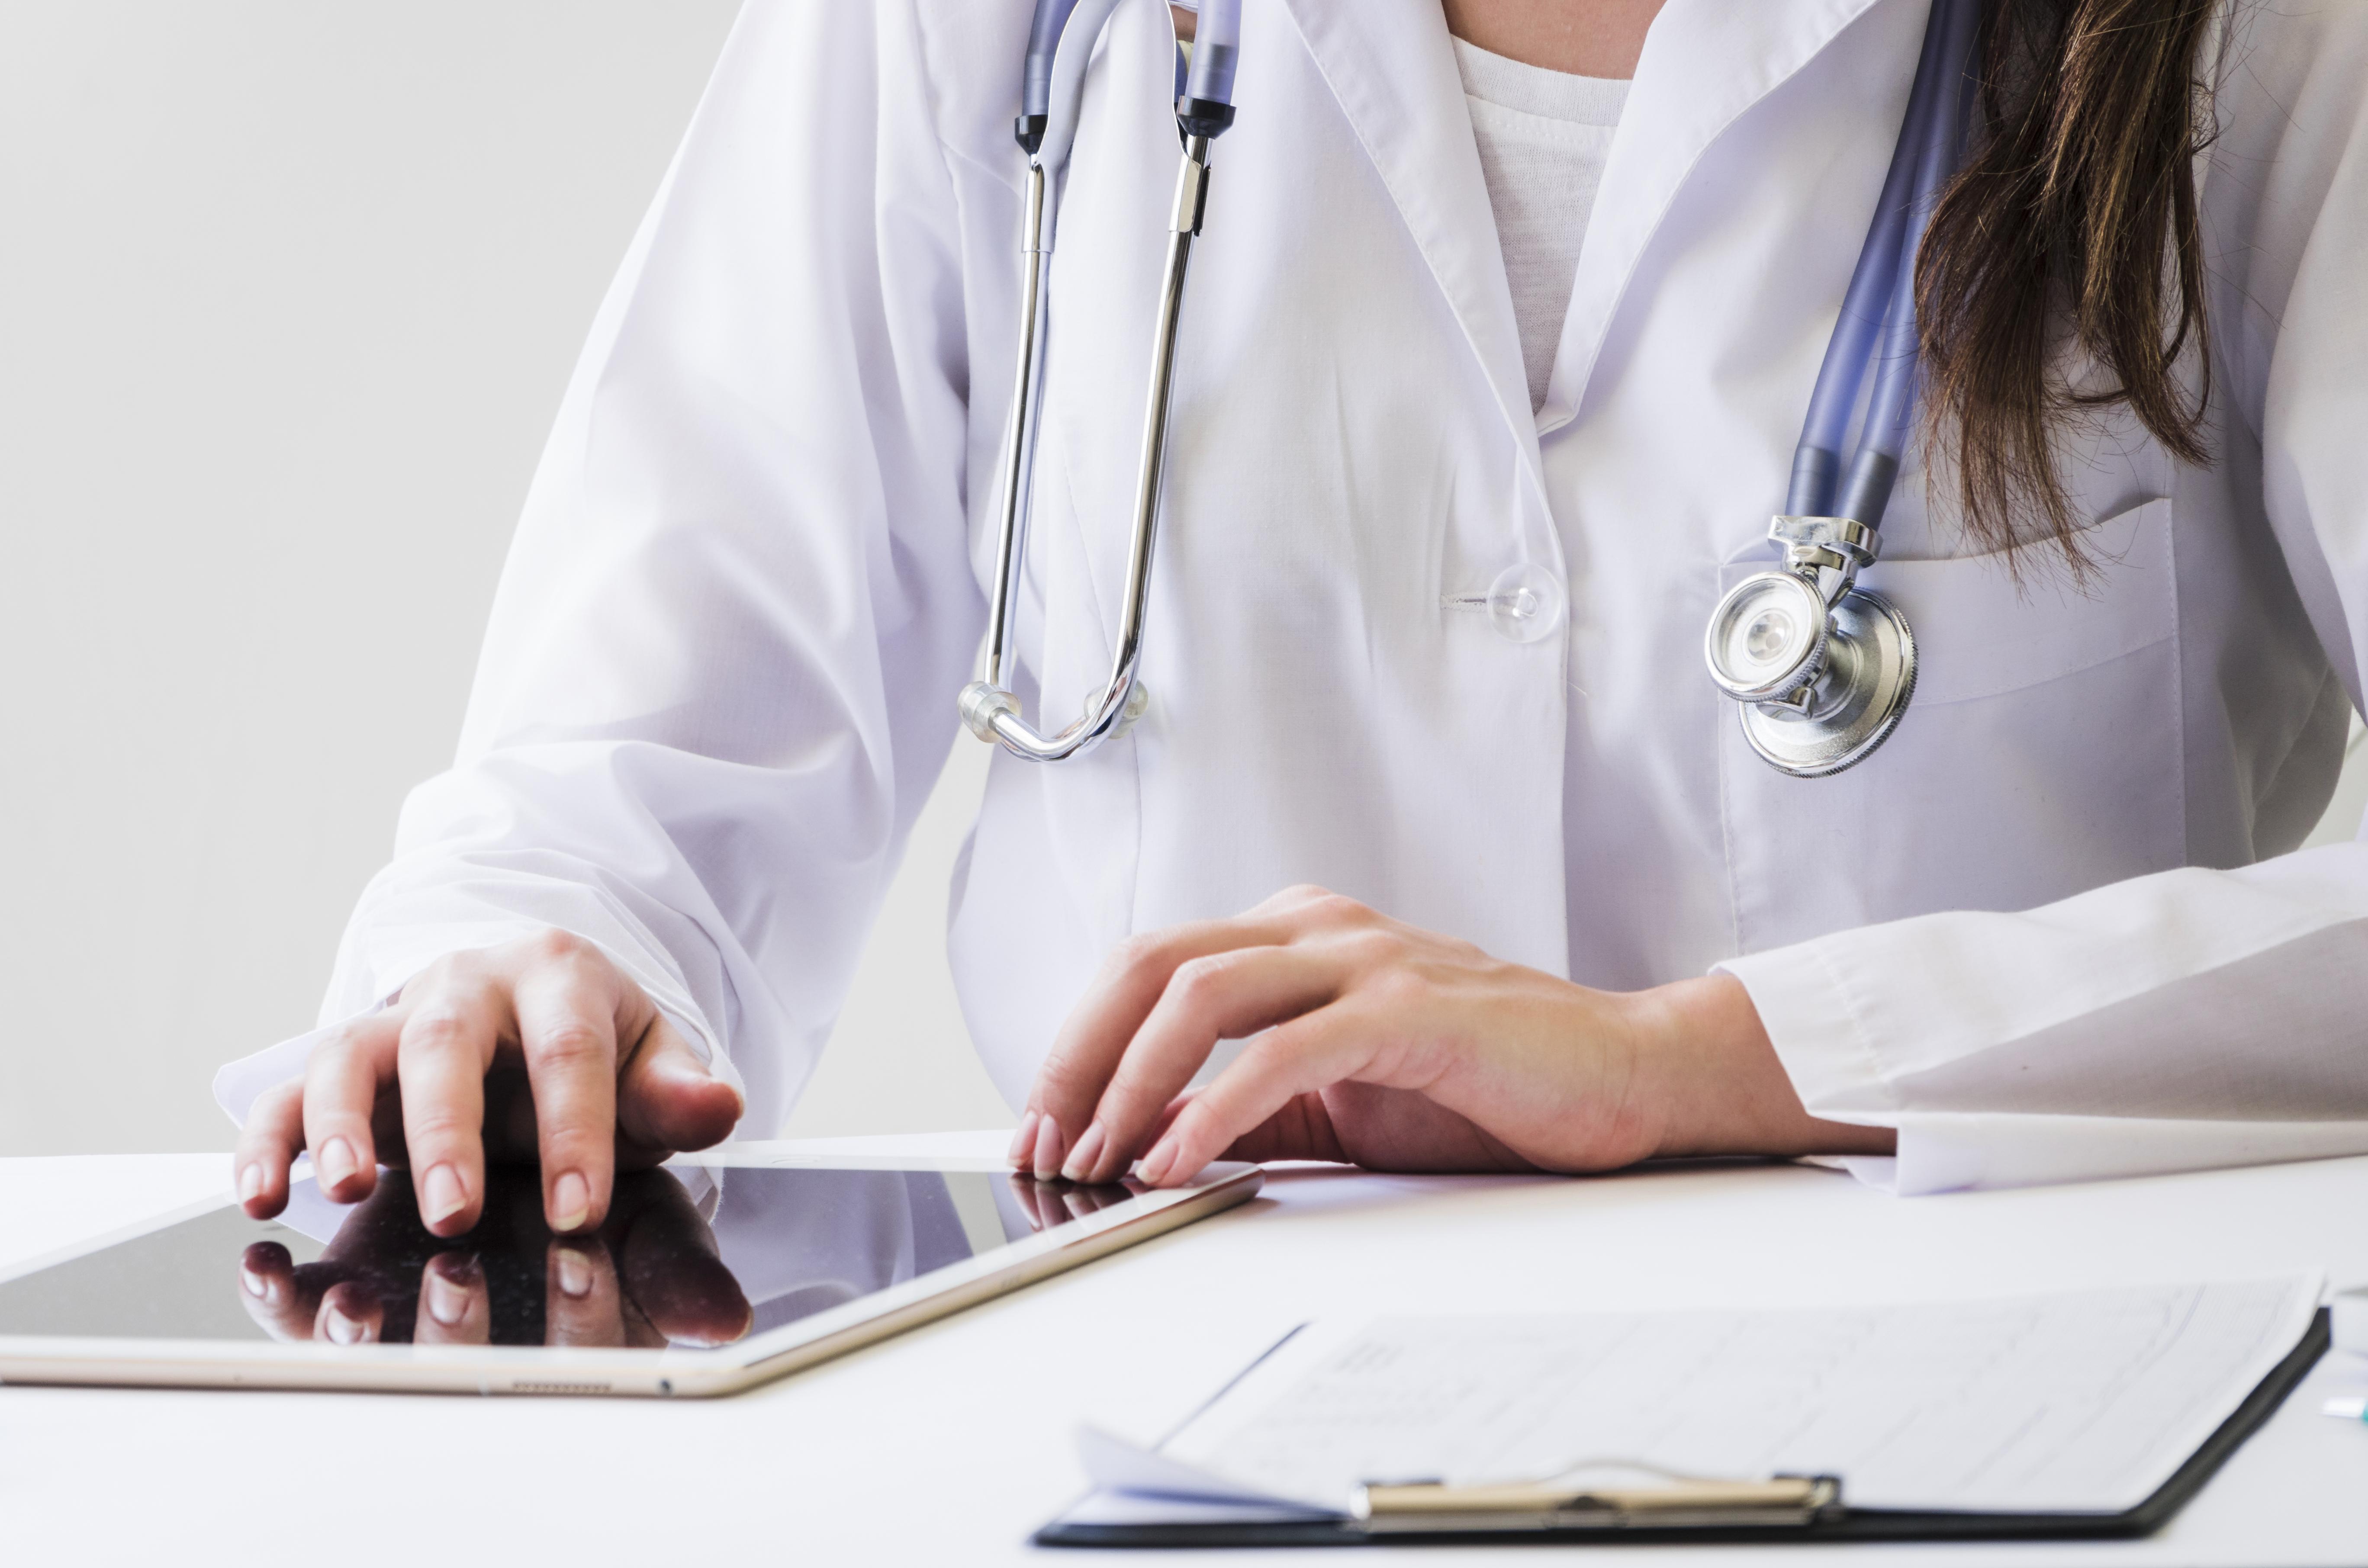 Beneficios y ventajas de la educación virtual para la educación continua en salud